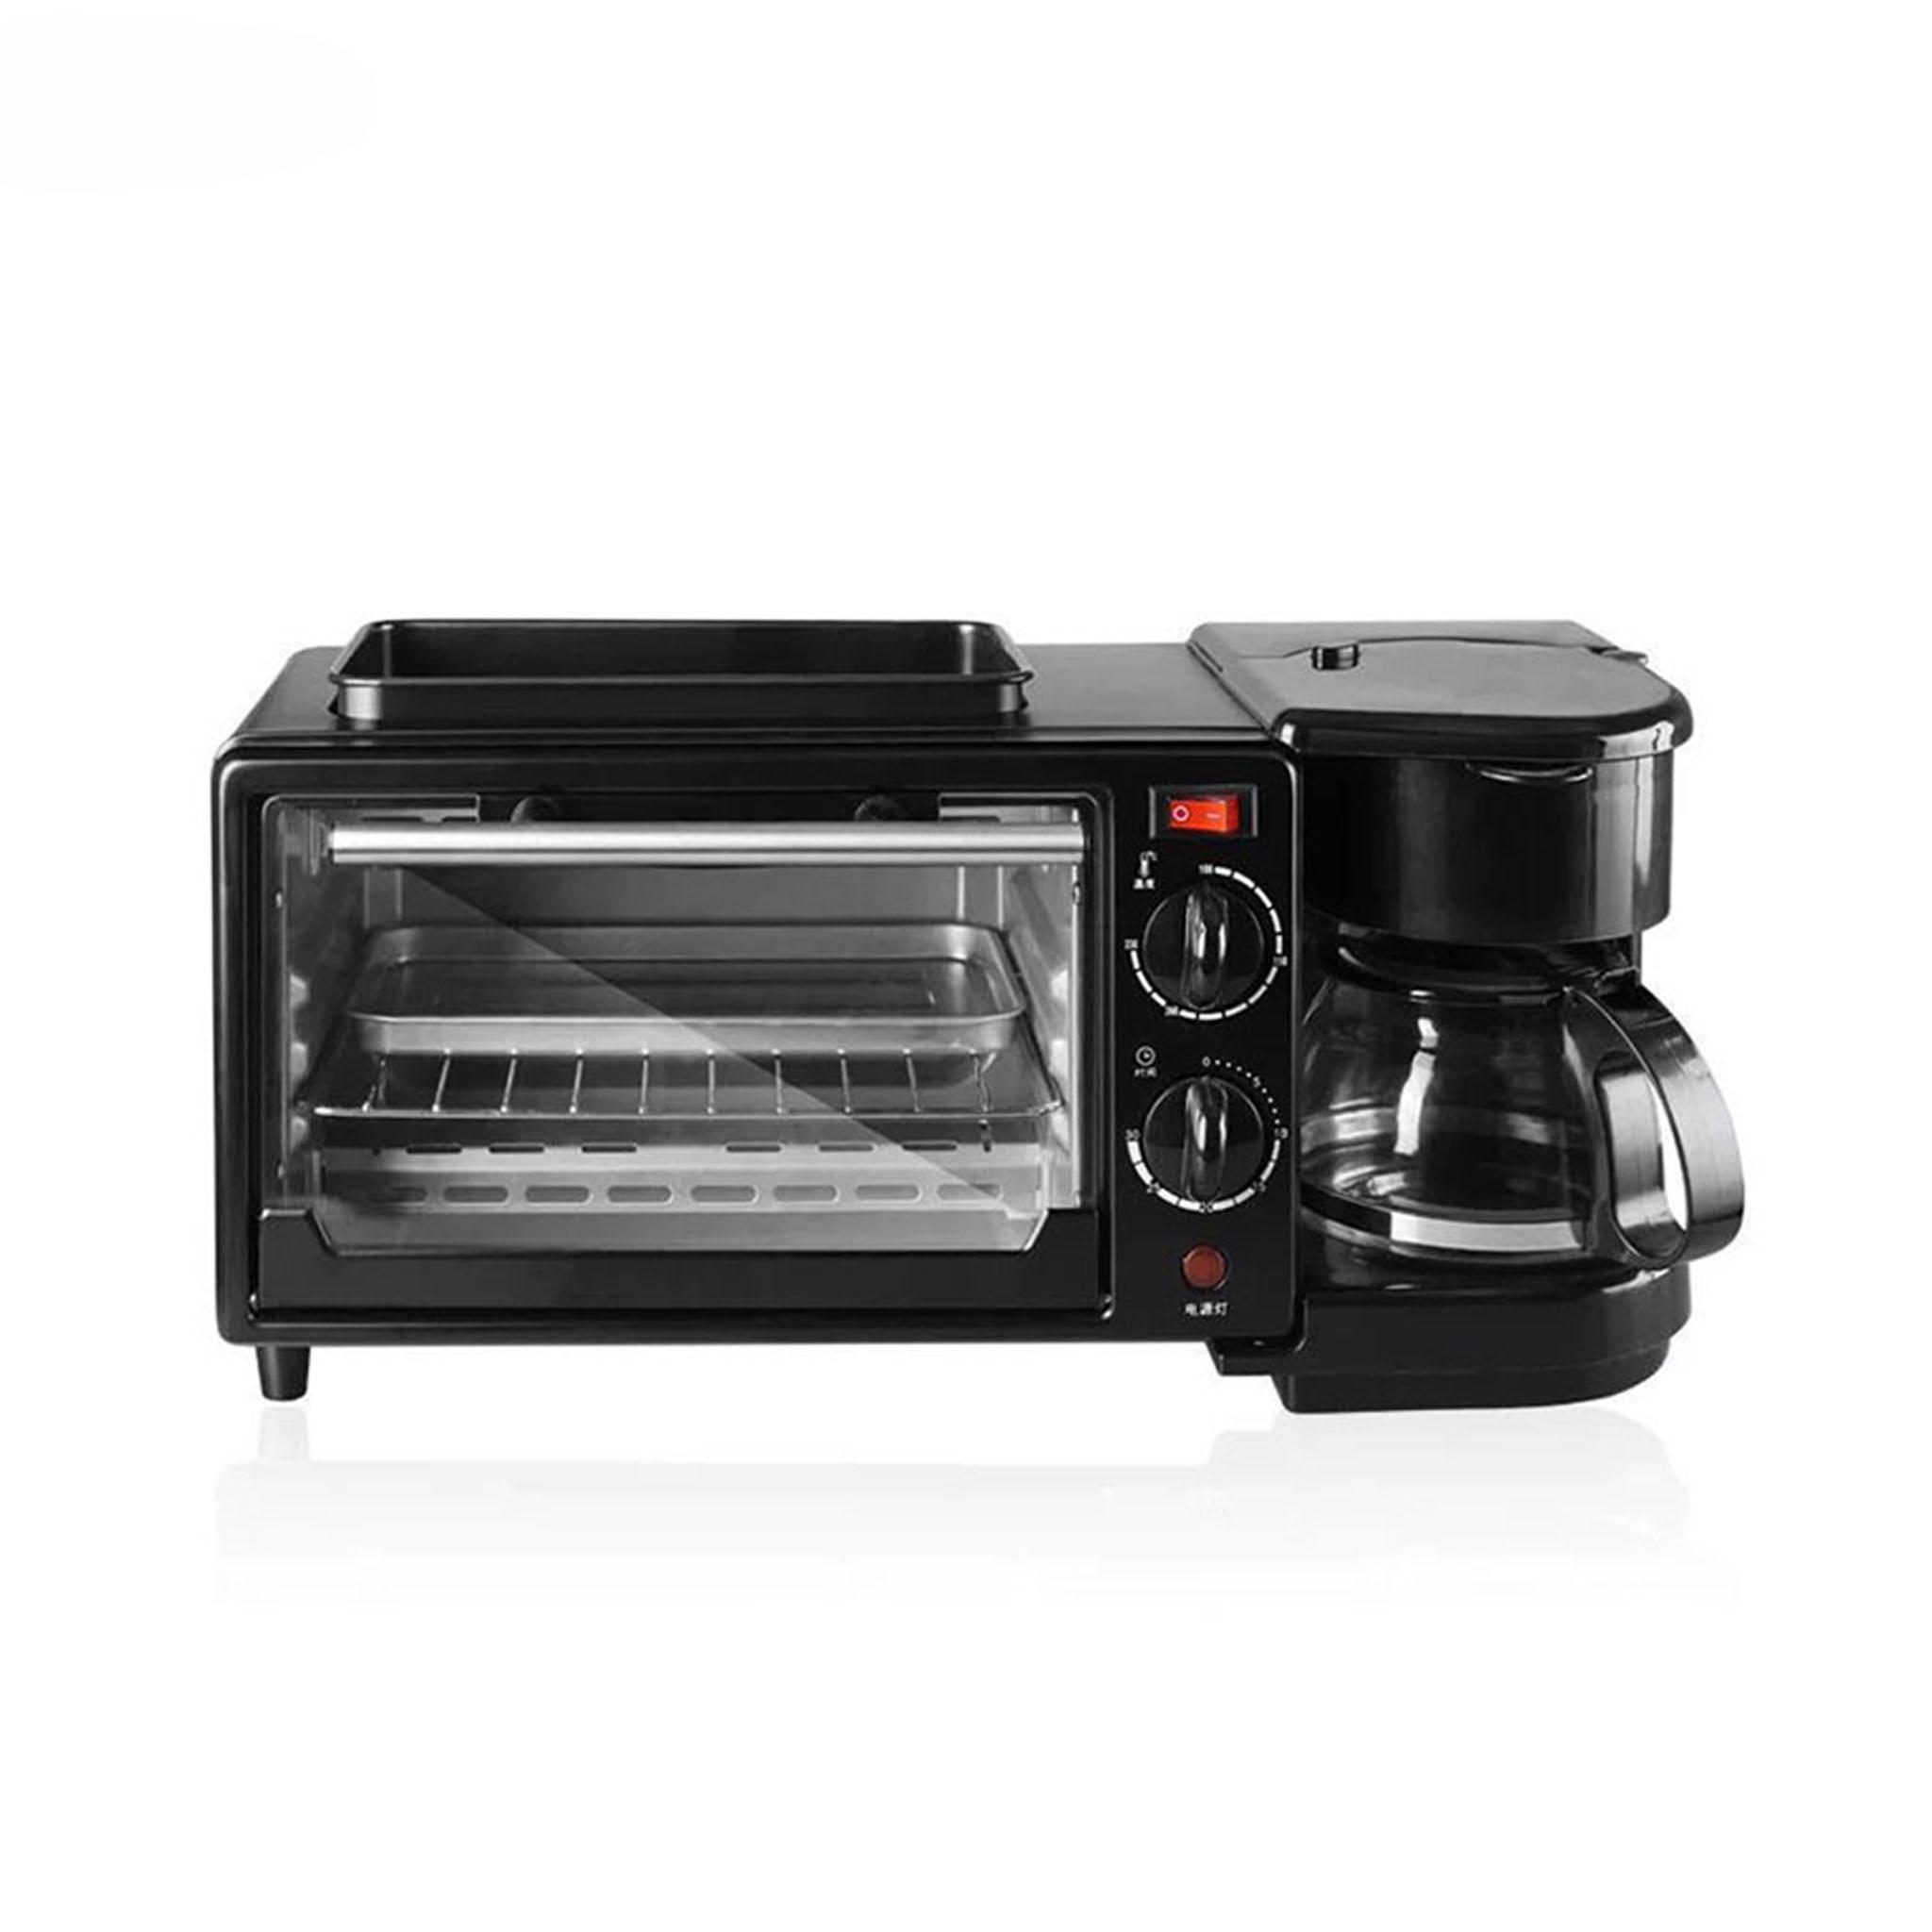 Breakfast Sandwich Maker With Drip Coffee Automatic Multifunction Breakfast Maker 3 in 1